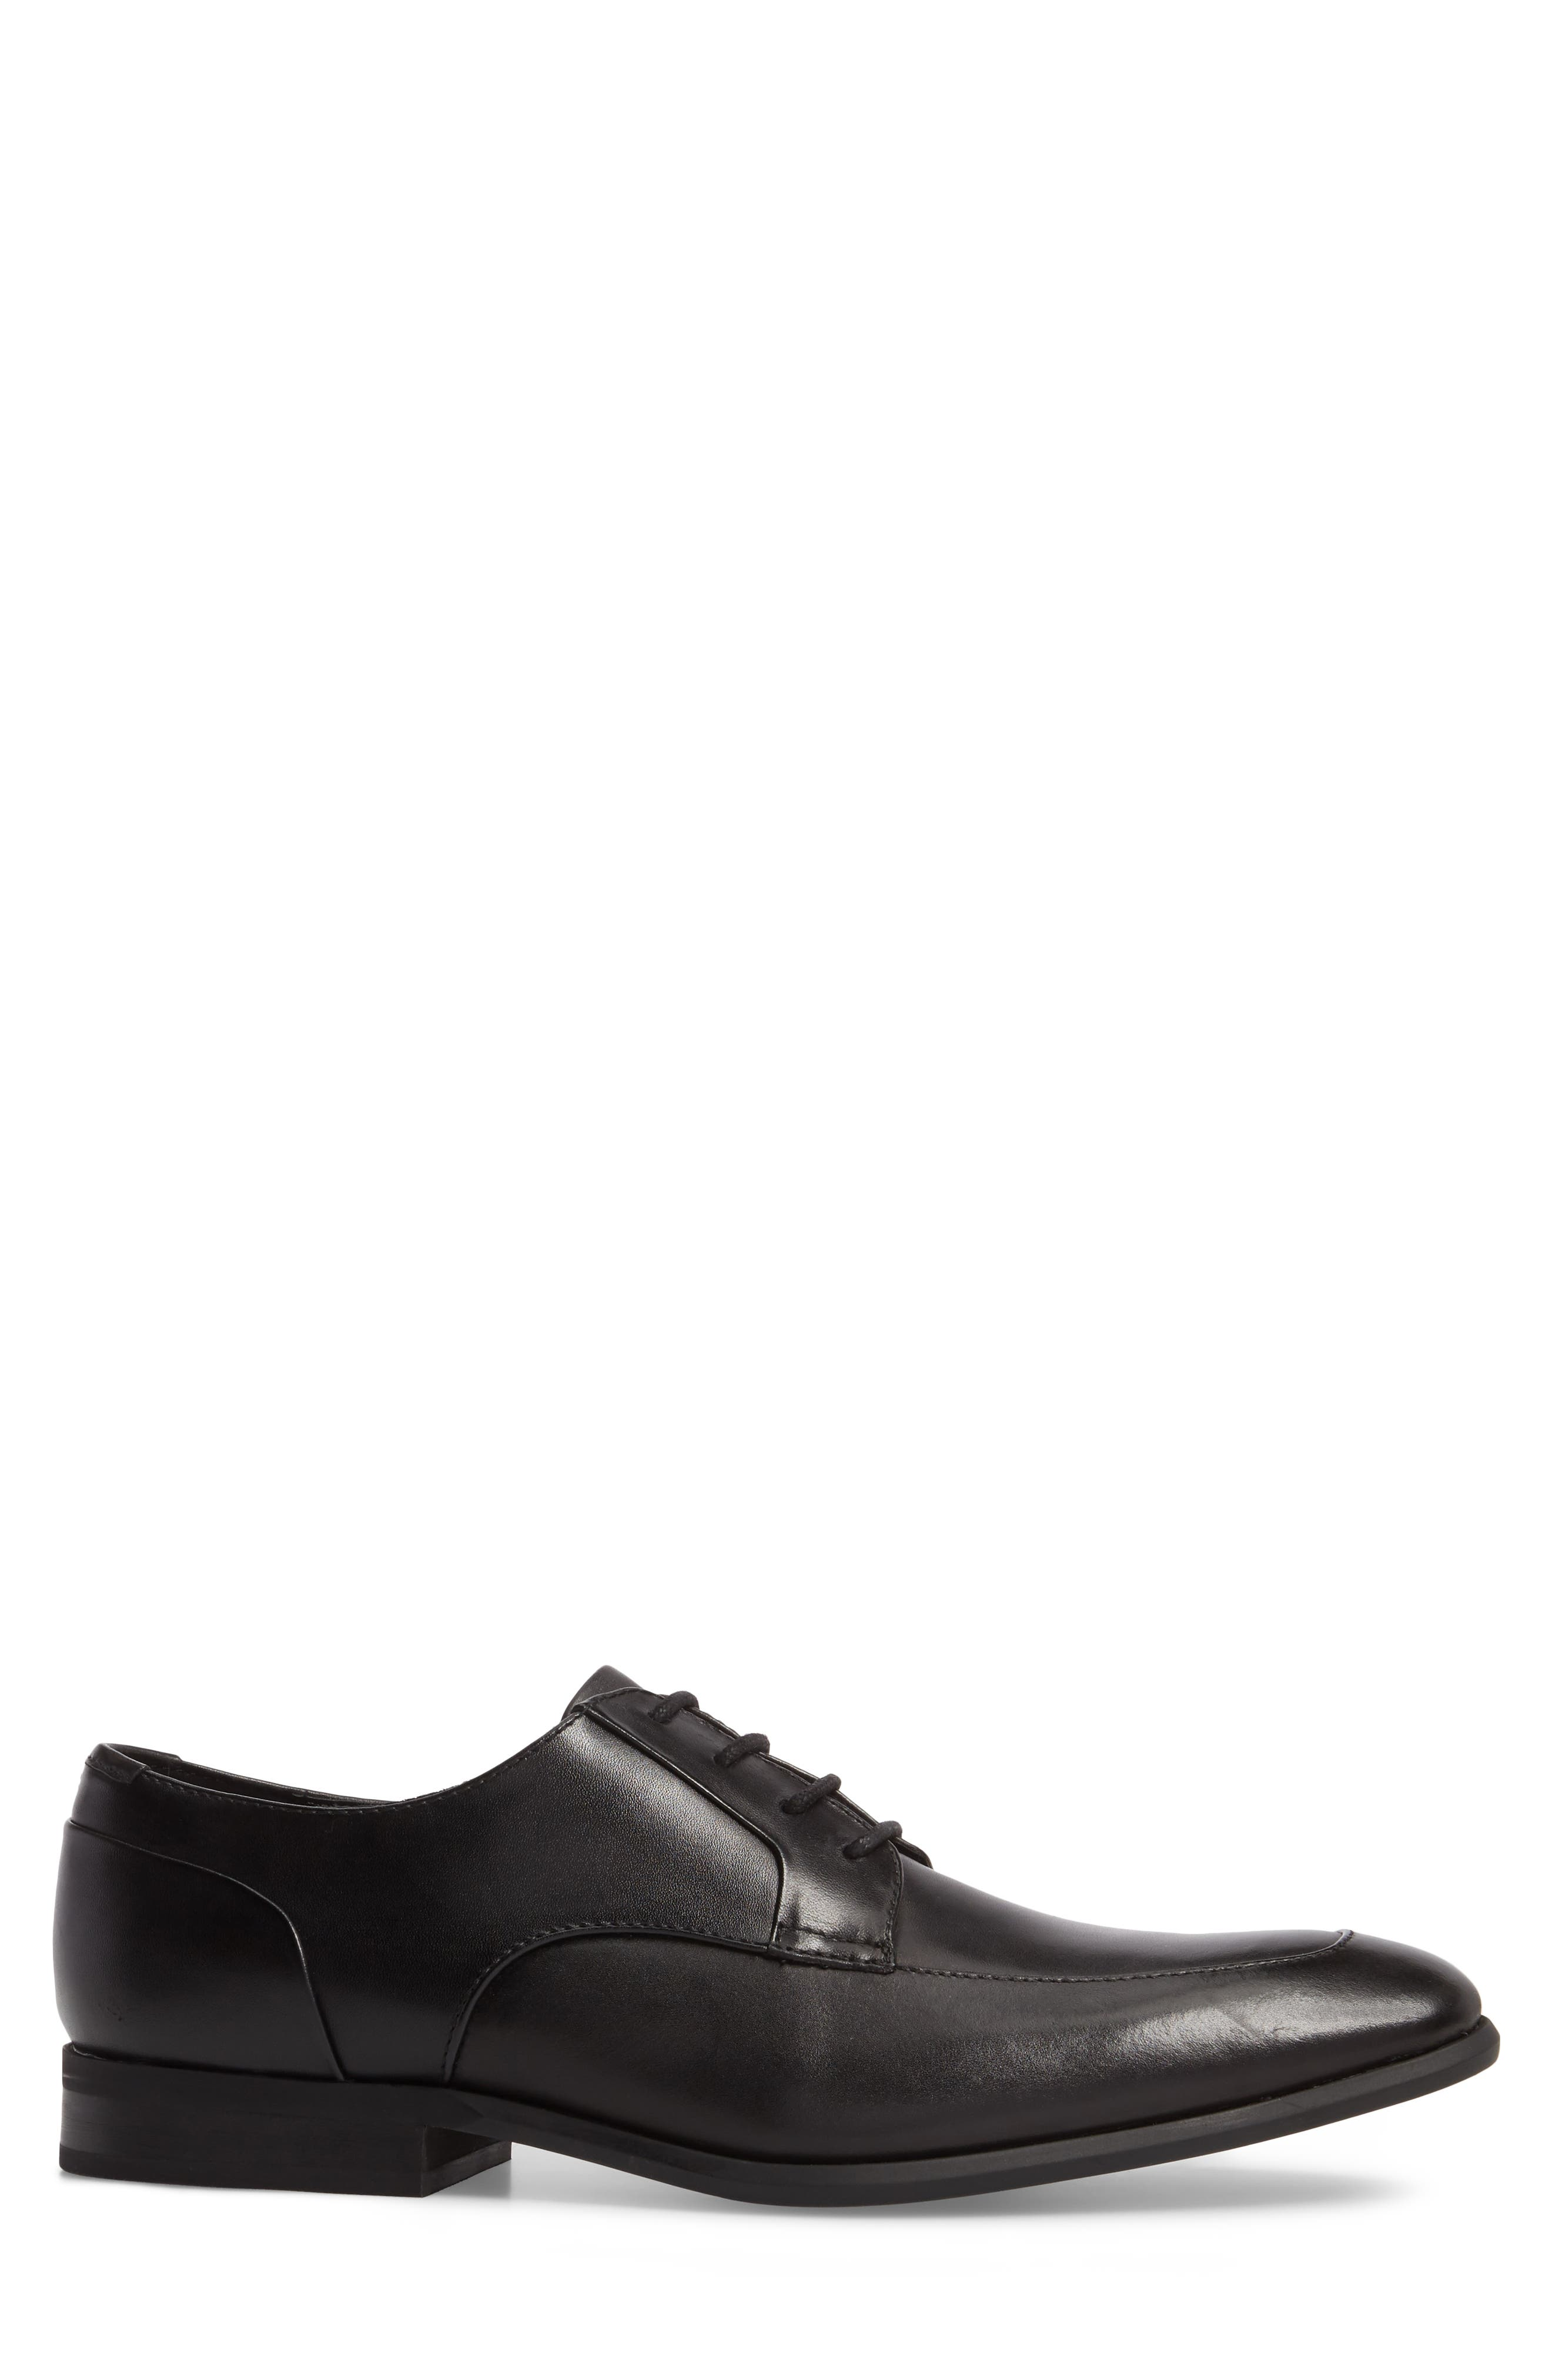 Lazarus Apron Toe Derby,                             Alternate thumbnail 3, color,                             Black Leather